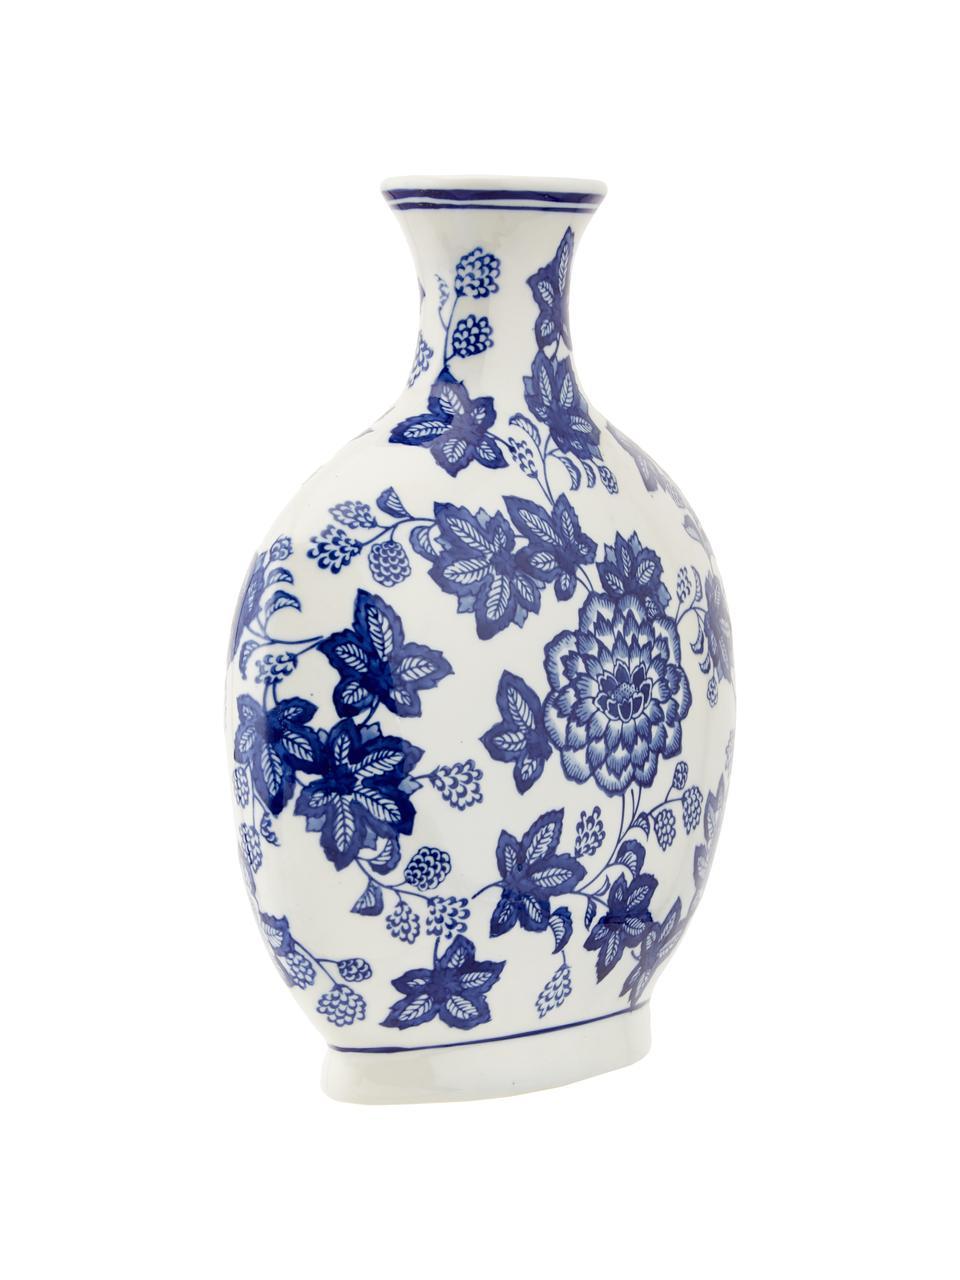 Keramik-Vase Blue Flowers, Keramik, Gebrochenes Weiß, Blau, 26 x 32 cm